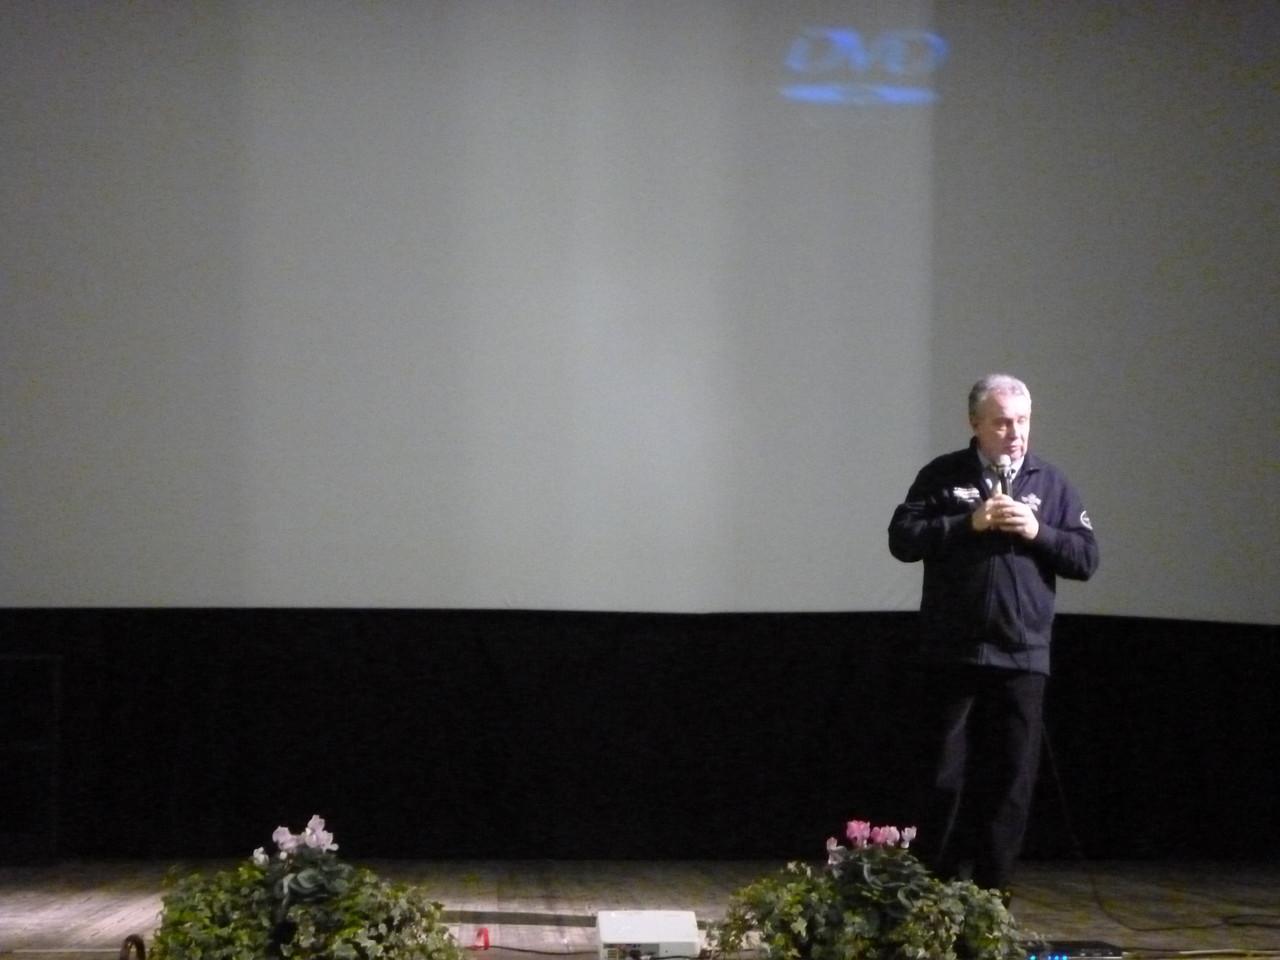 Il regista Mauro Vittorio Quattrina